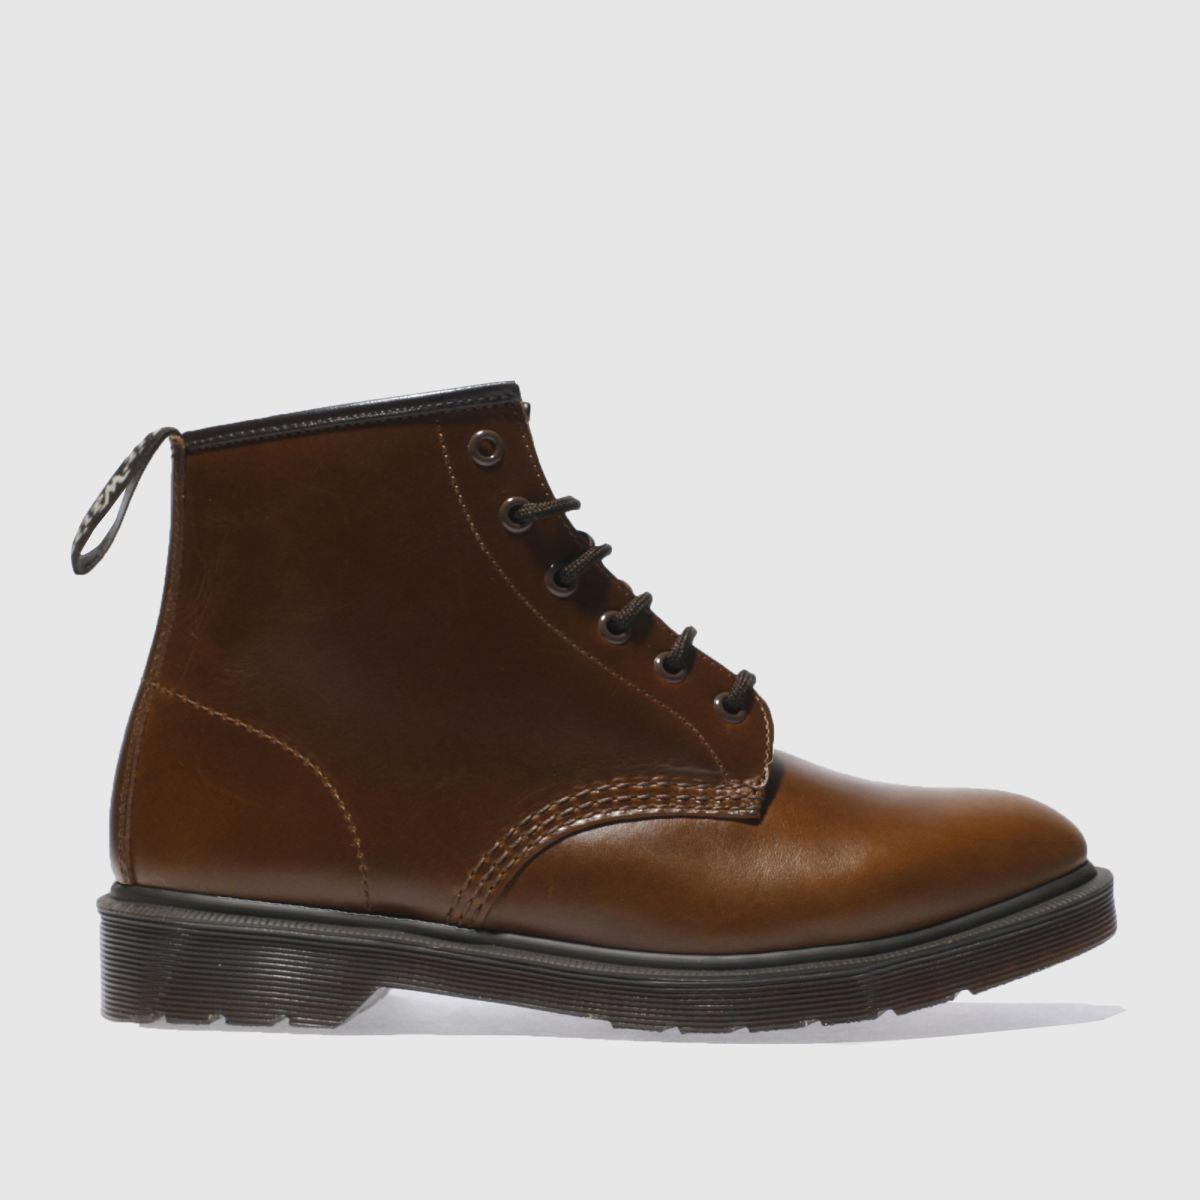 dr martens tan 101 brando 6 eye boots